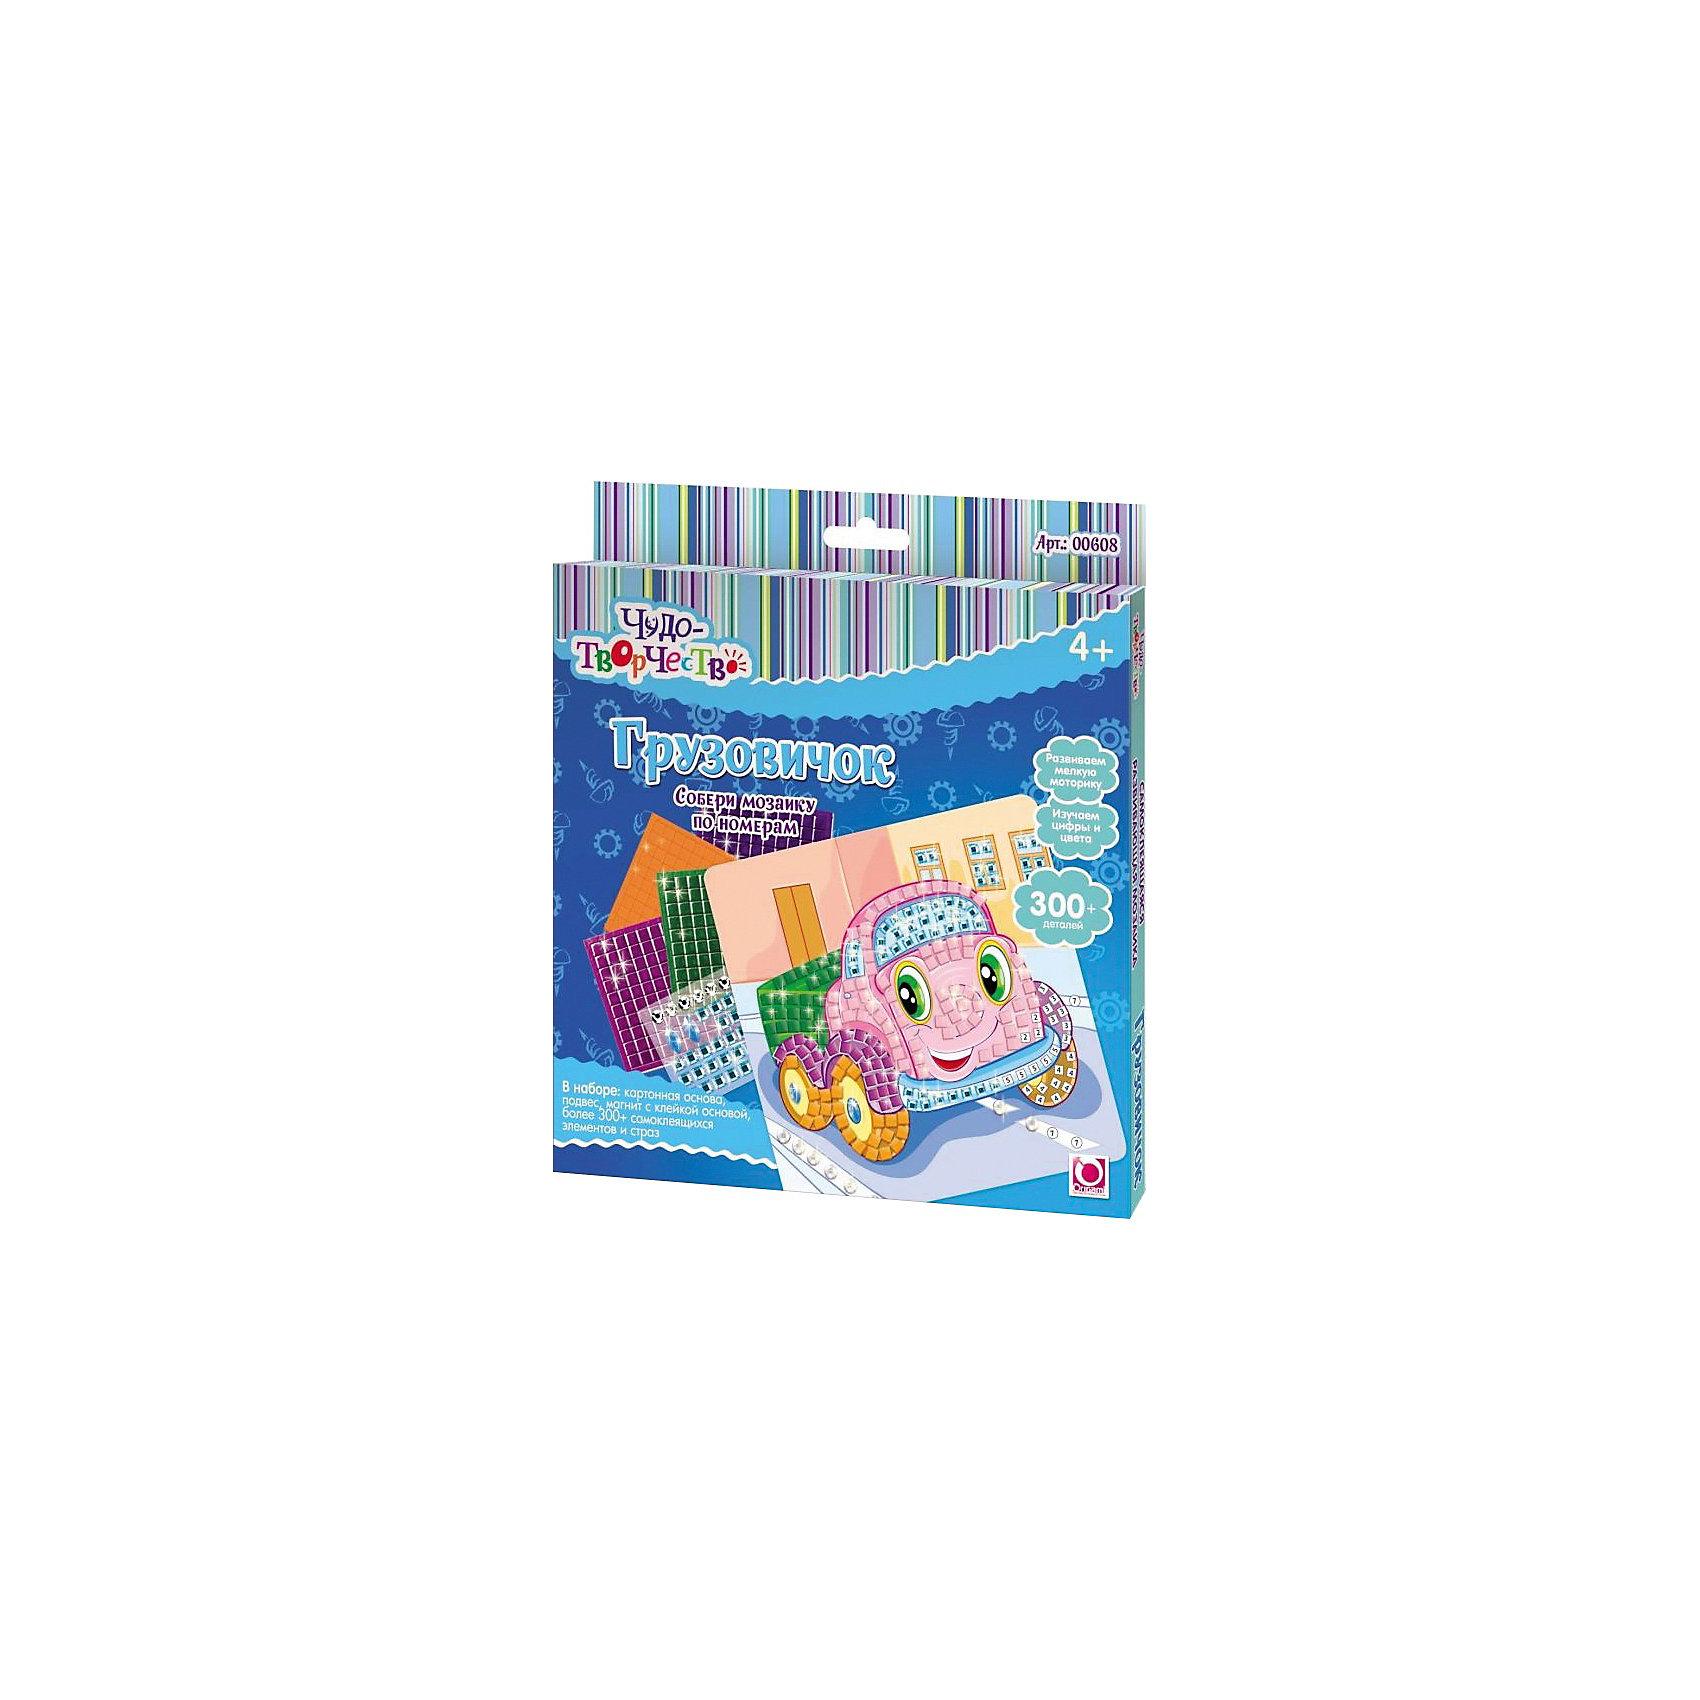 Origami Самоклеющаяся мозаика Грузовичок, Оригами наборы для вышивания матренин посад набор для вышивания бисером пасхальное гнездышко